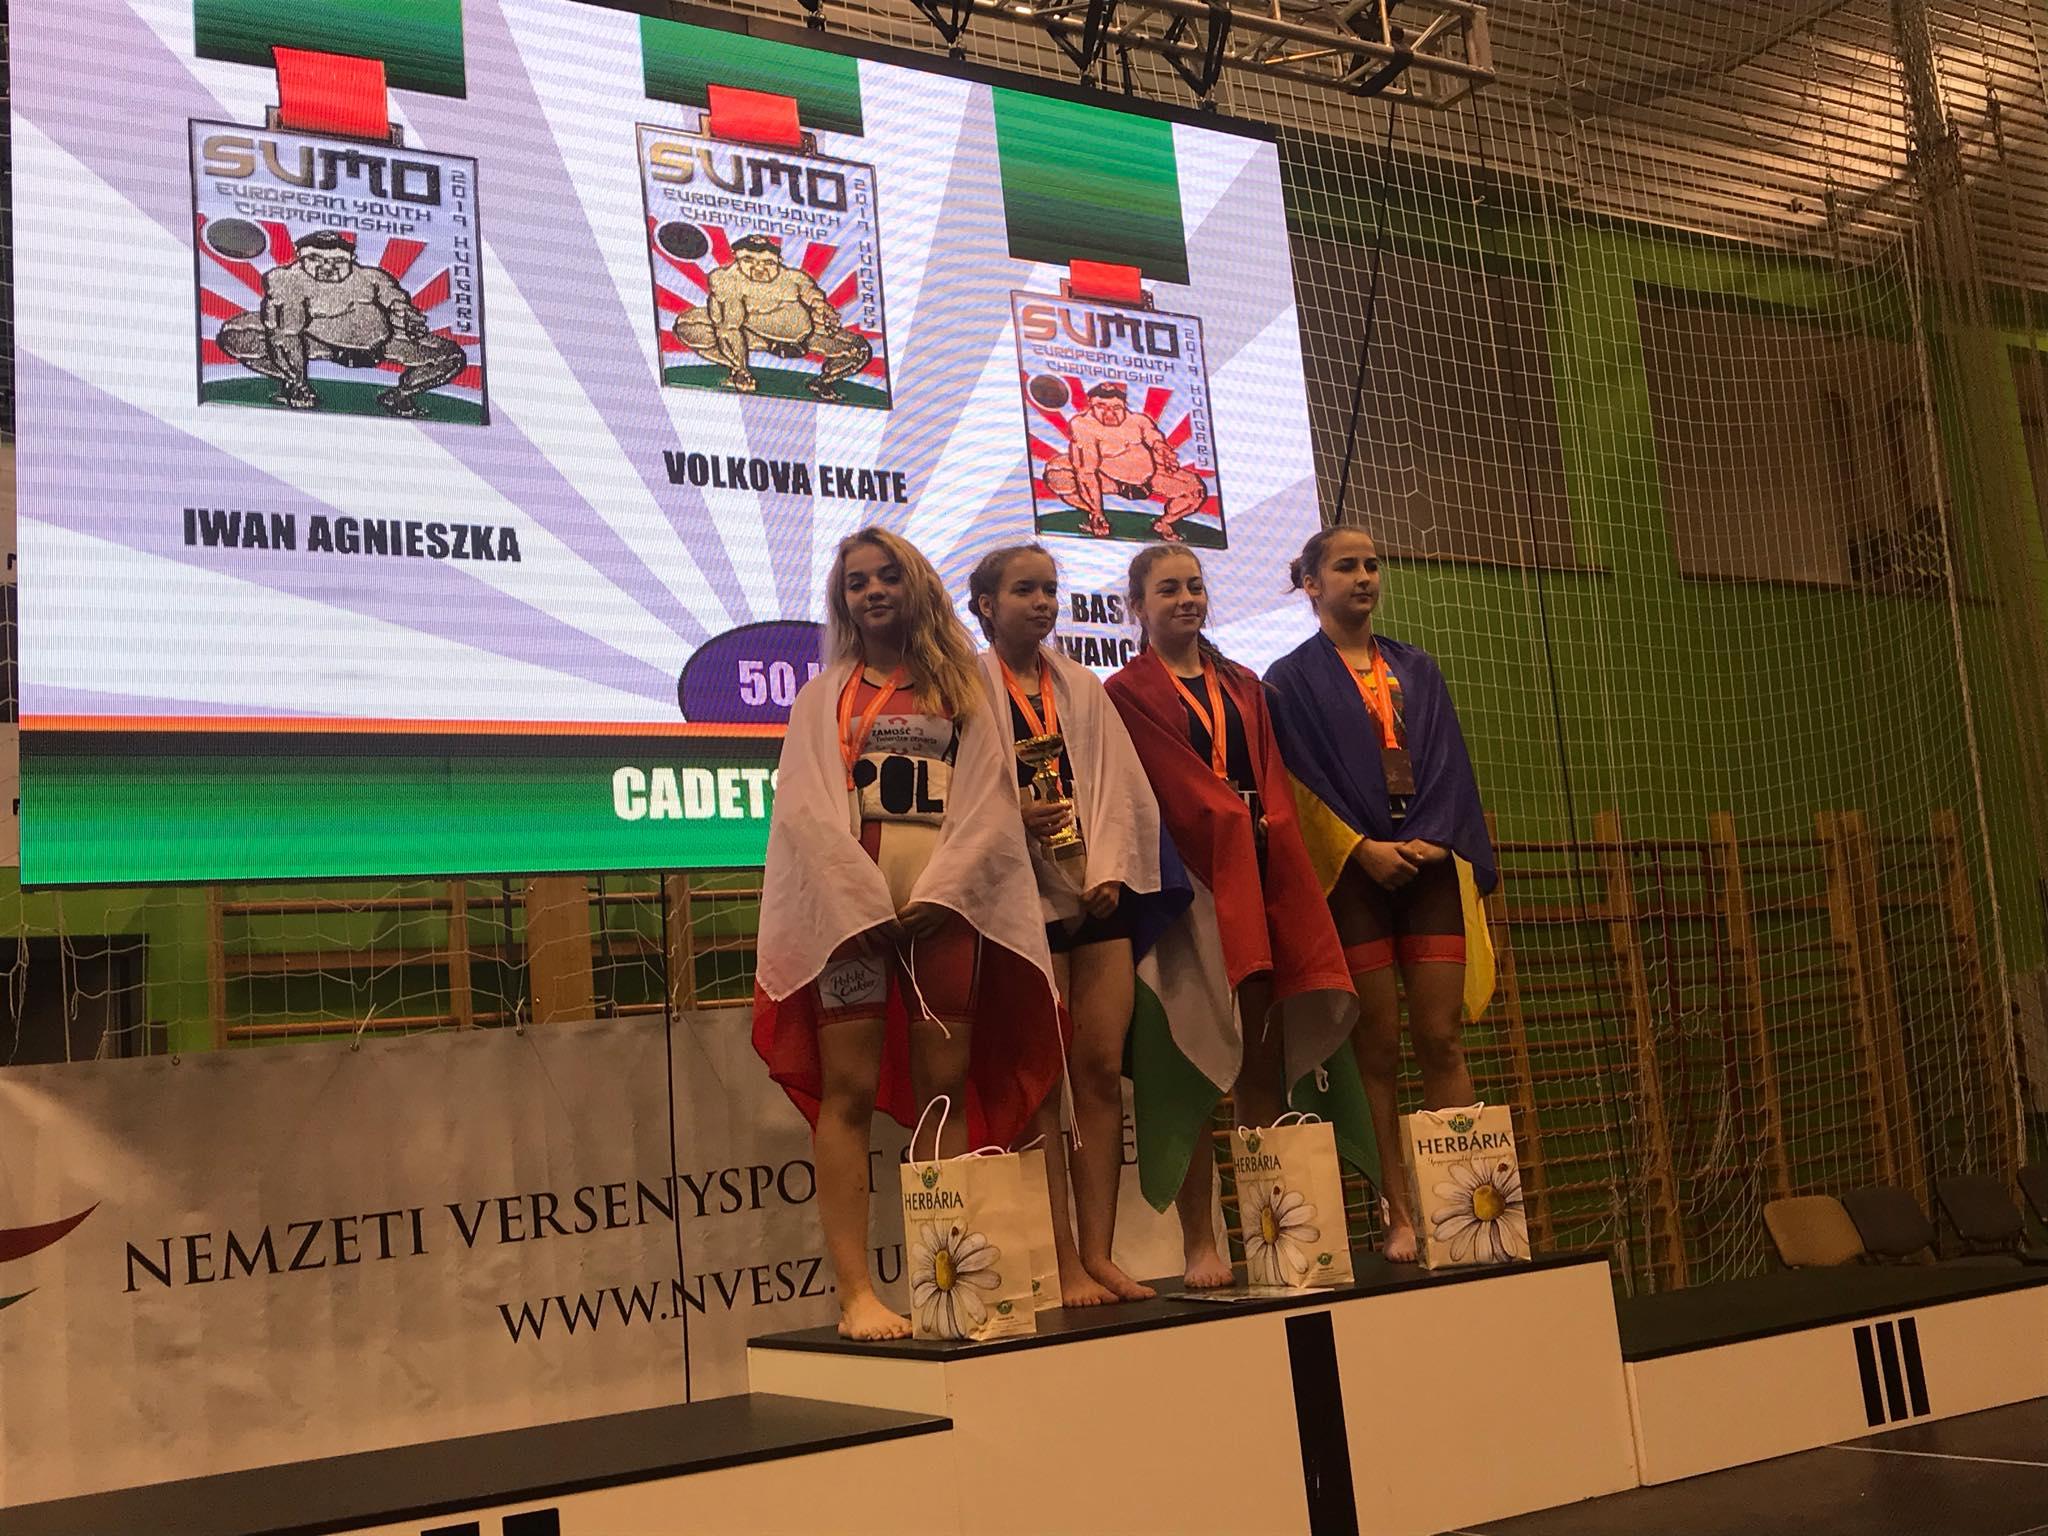 72329136 2539381109452268 7512016767003131904 n Zawodnicy Agrosu przywieźli z Węgier trzy medale!